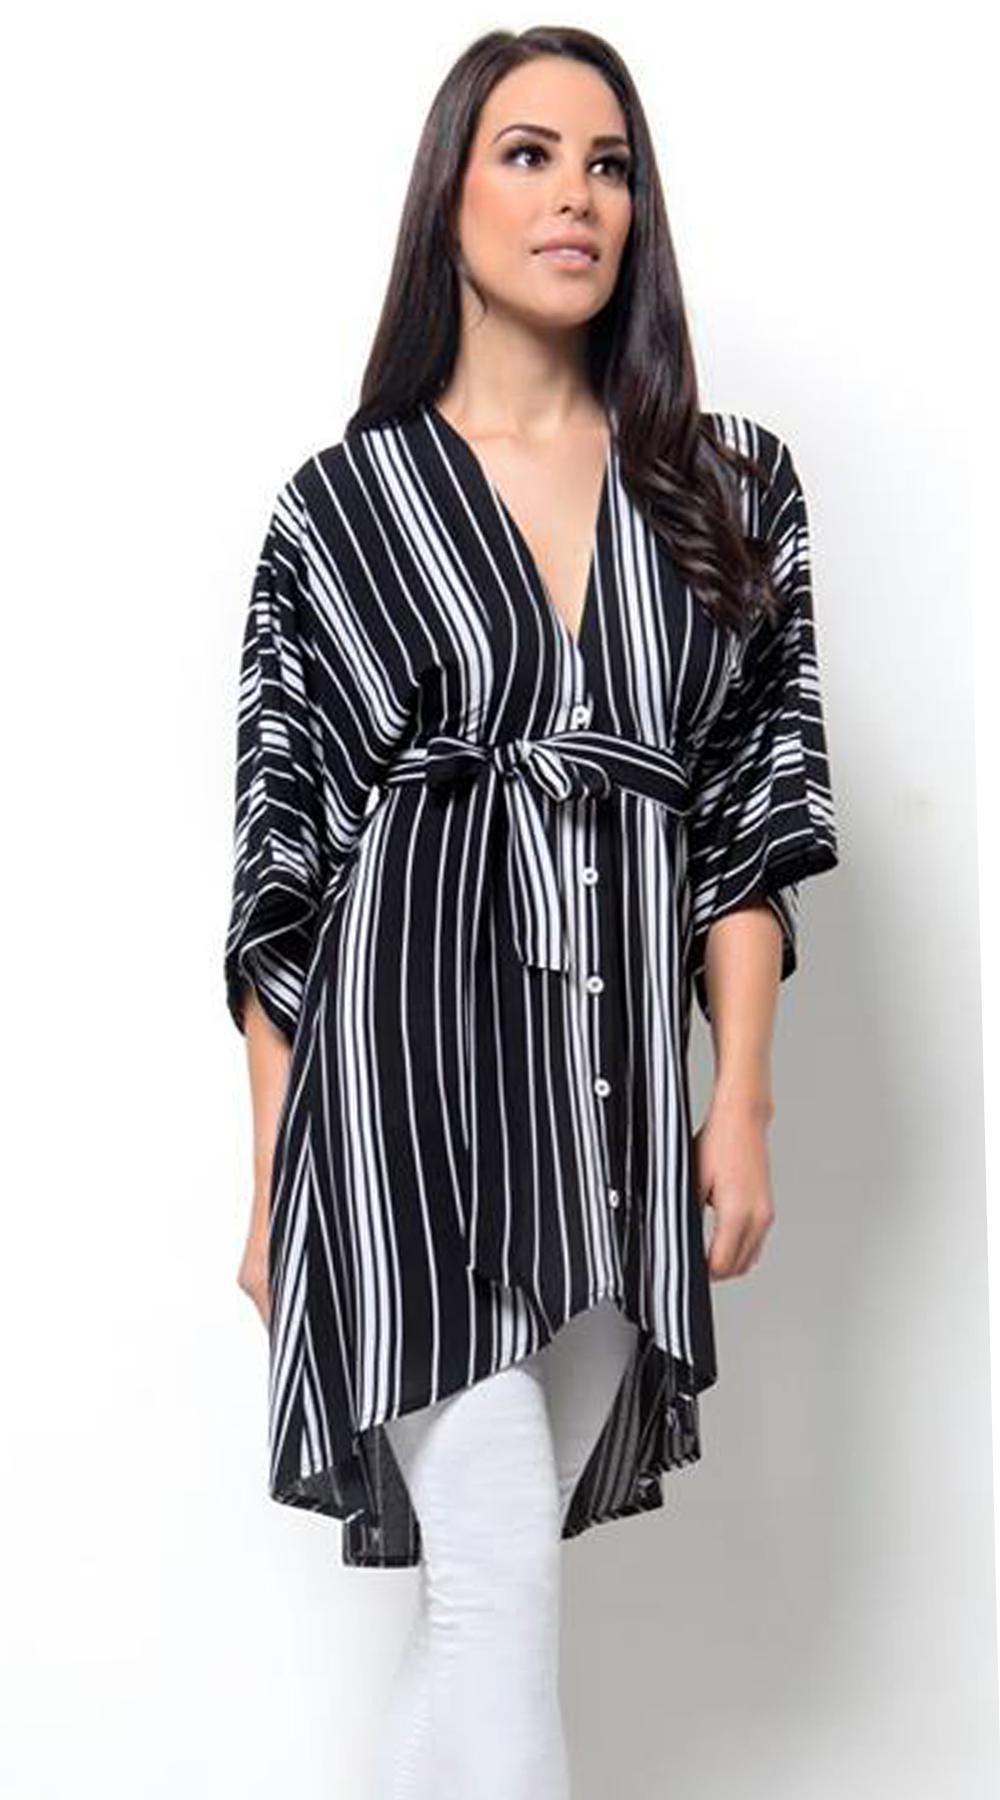 Γυναικεία ριγέ πουκαμίσα με ζώνη - Greek Brands - SP18CM-19009 μπλούζες   t shirts elegant tops